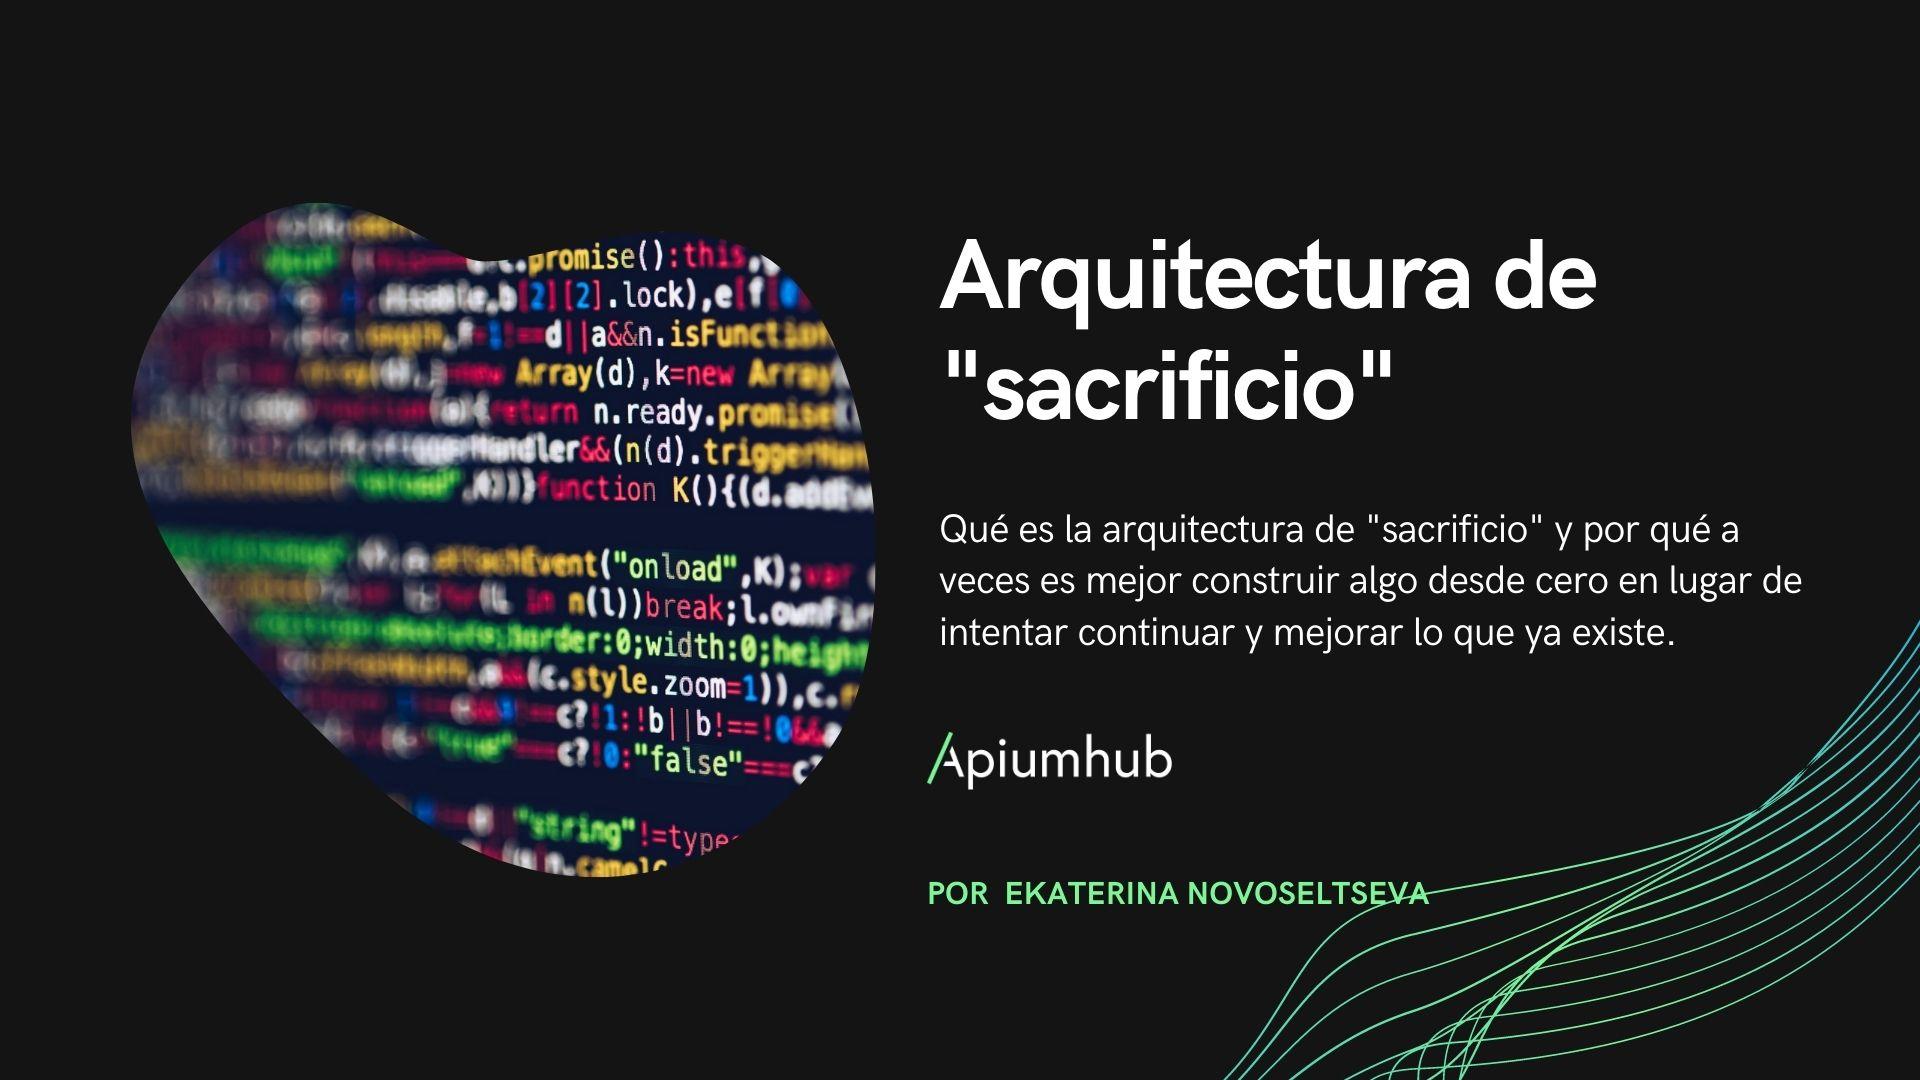 Arquitectura de sacrificio